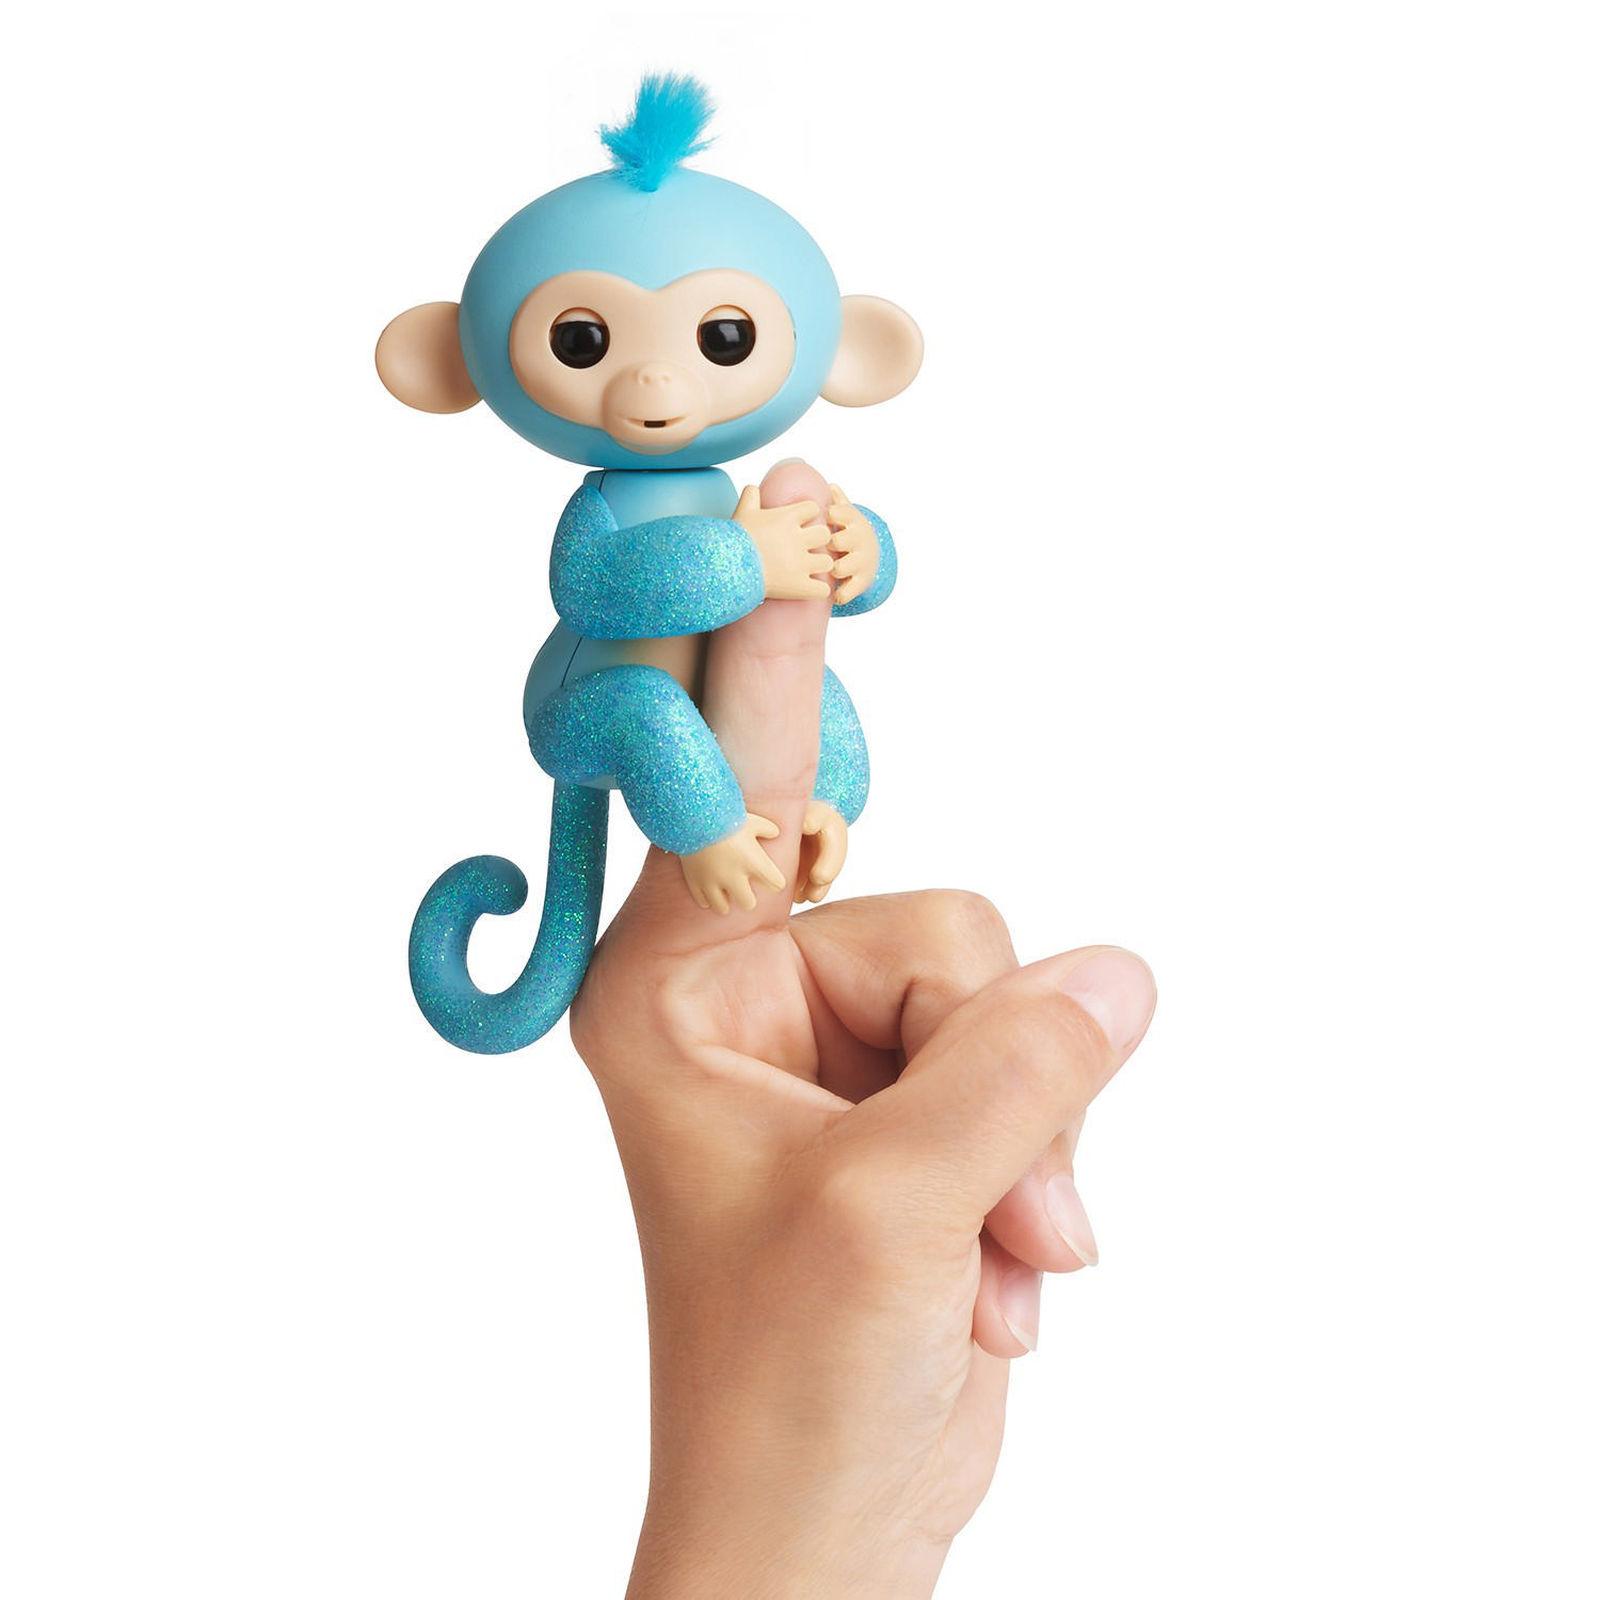 Интерактивная обезьянка Амелия, изумрудная, 12 смИнтерактивные обезьянки Fingerlings<br>Интерактивная обезьянка Амелия, изумрудная, 12 см<br>